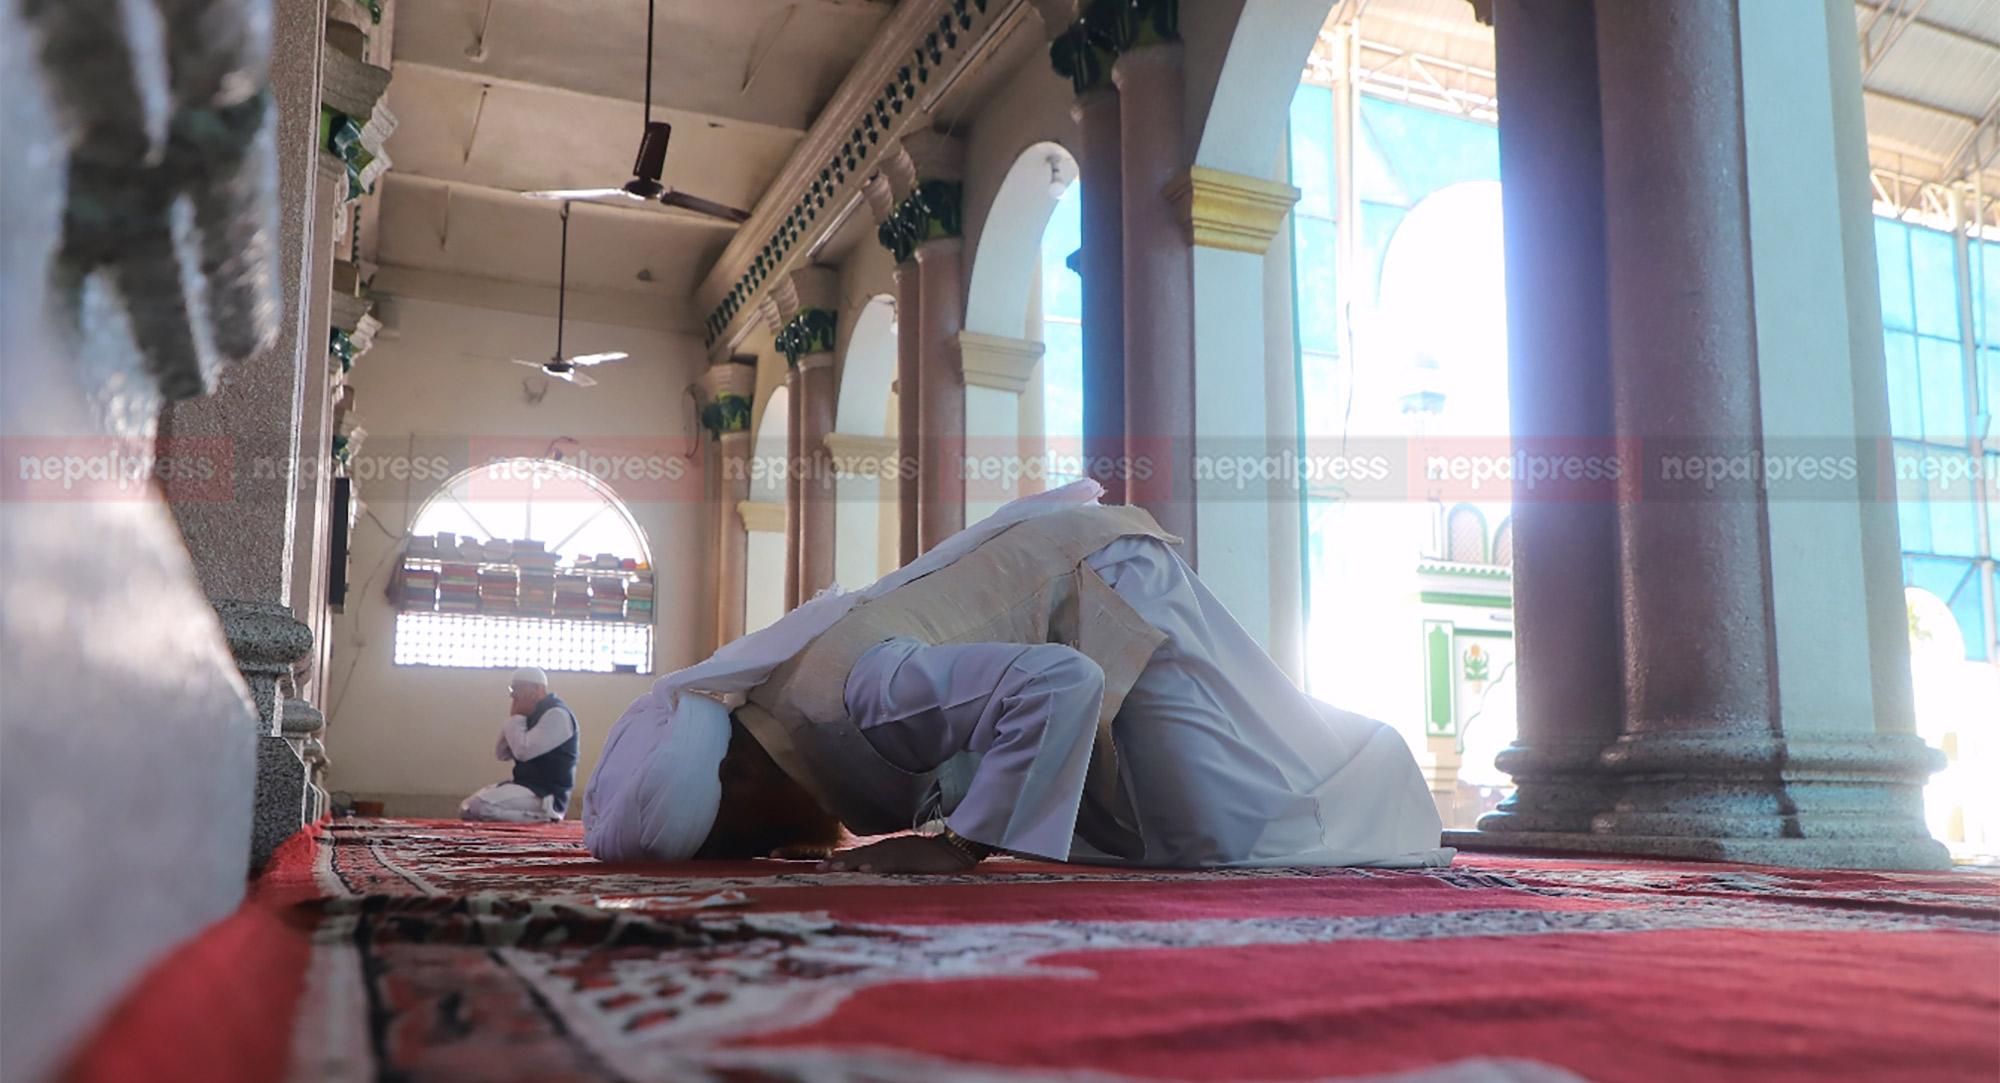 सुनसान मस्जिदमा नमाज